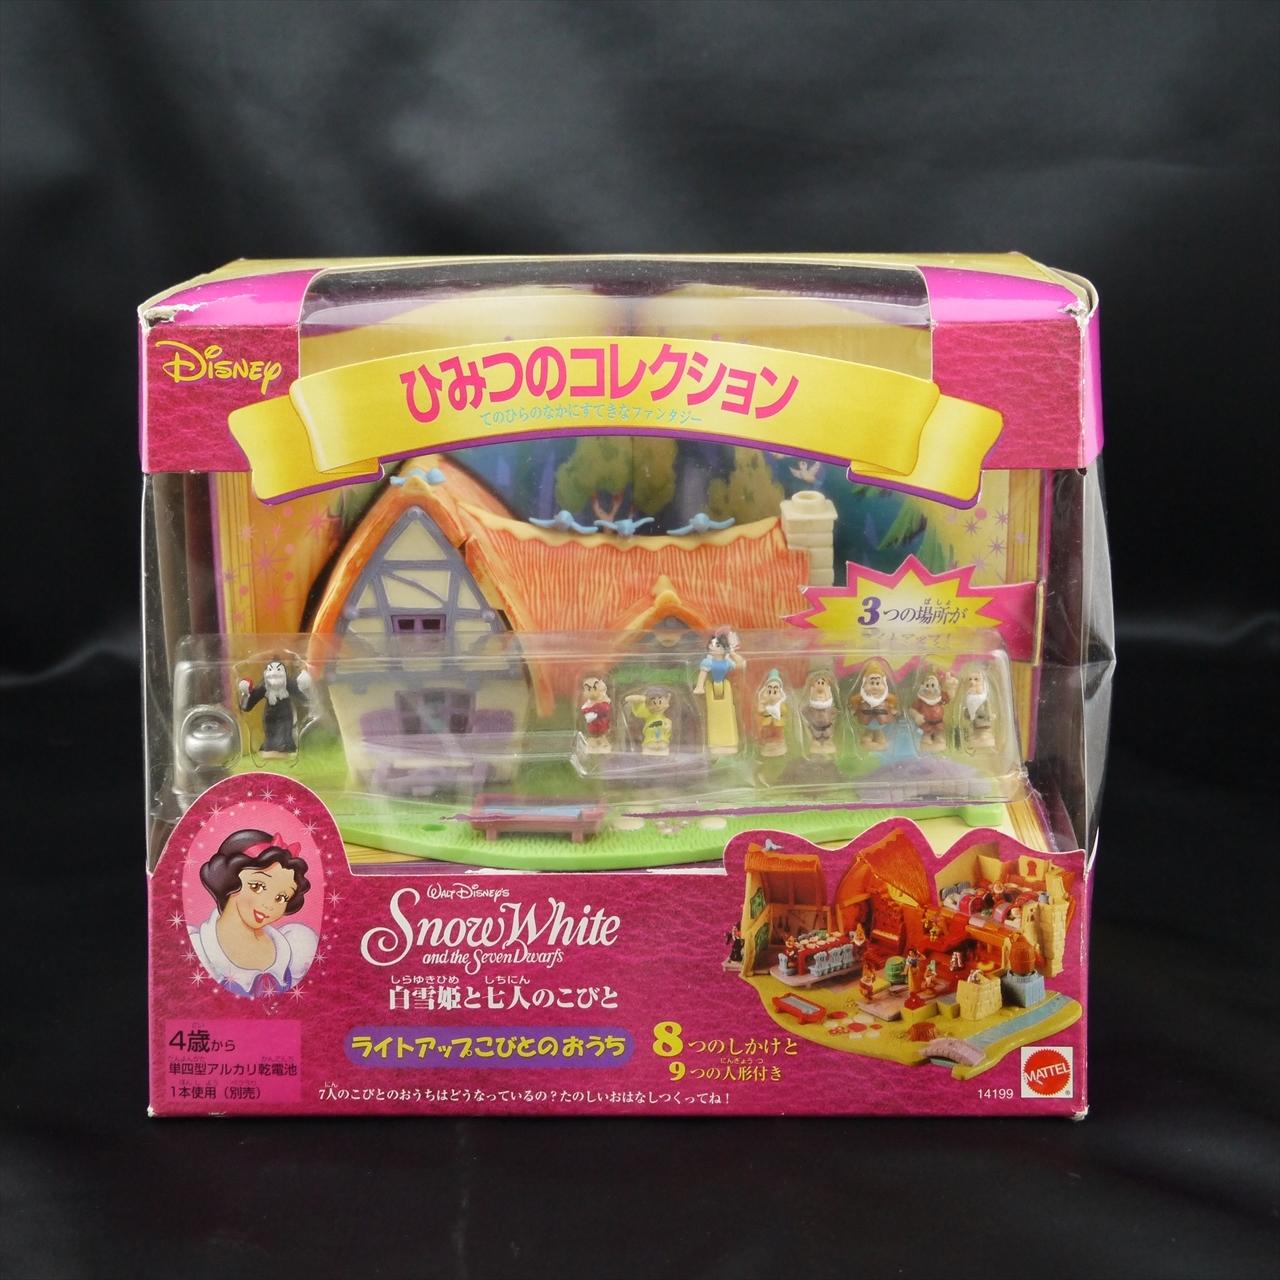 ディズニー ライトアップ 白雪姫とこびとの家 新品